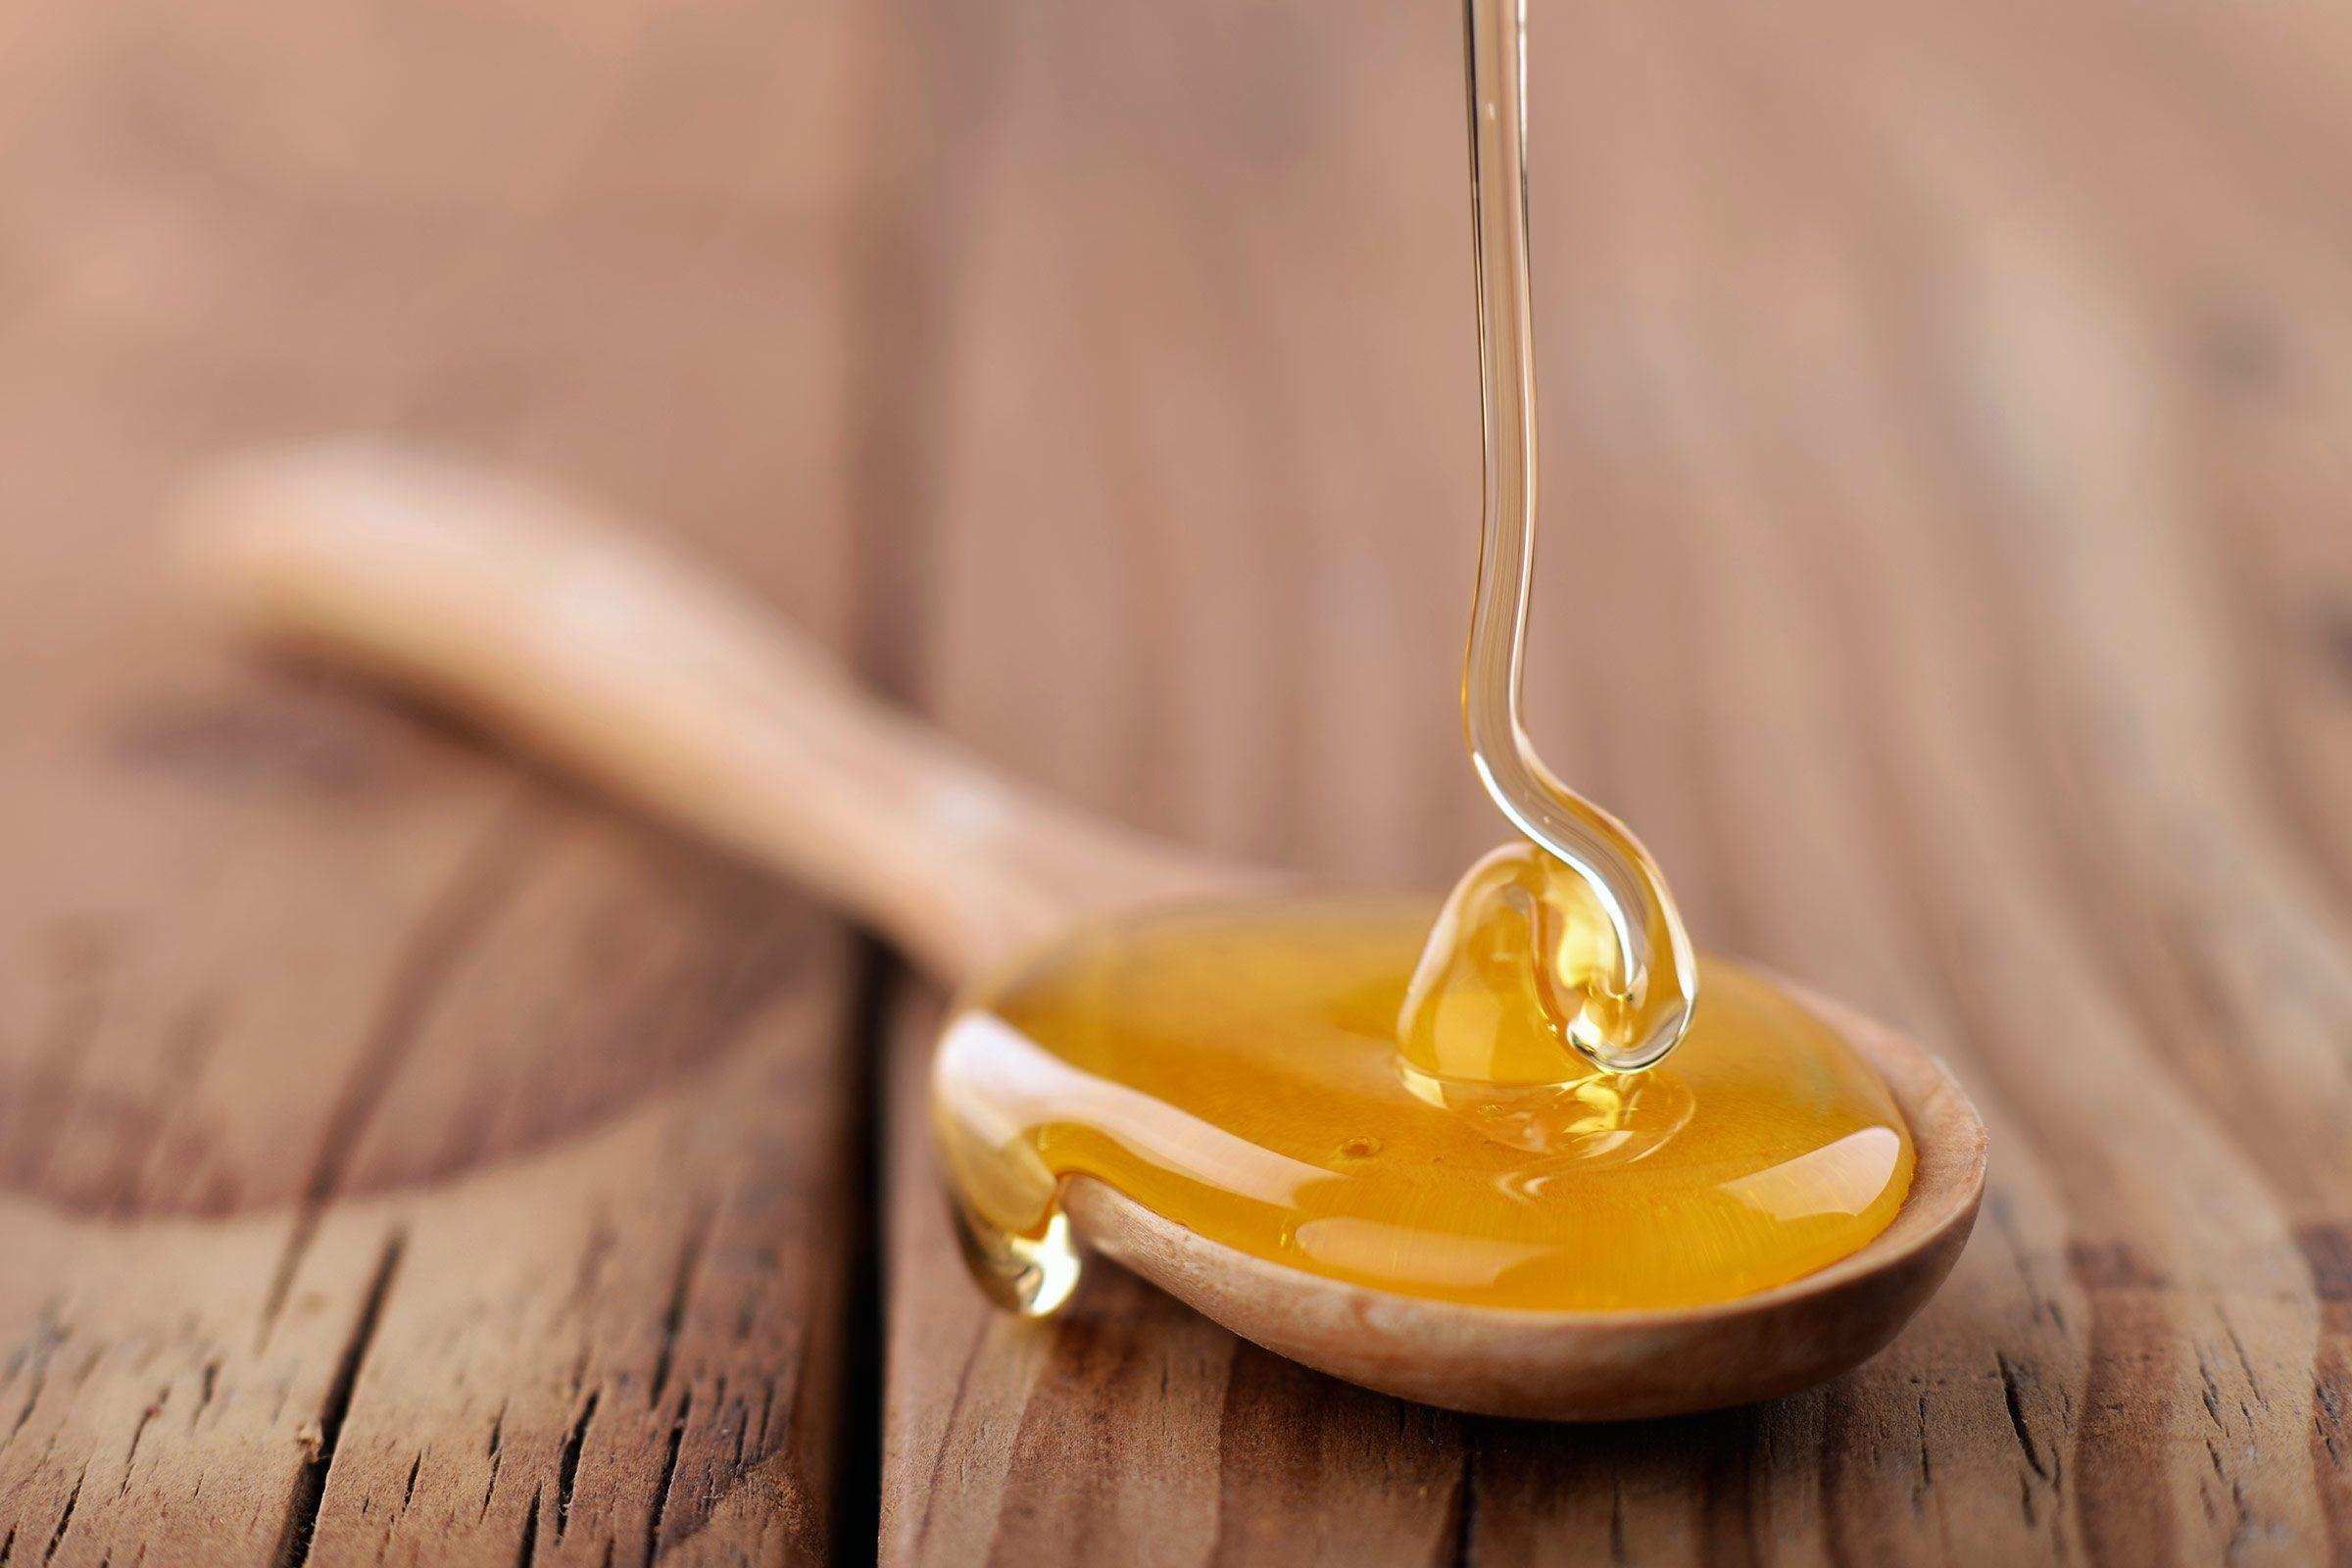 Acne home remedy: Honey